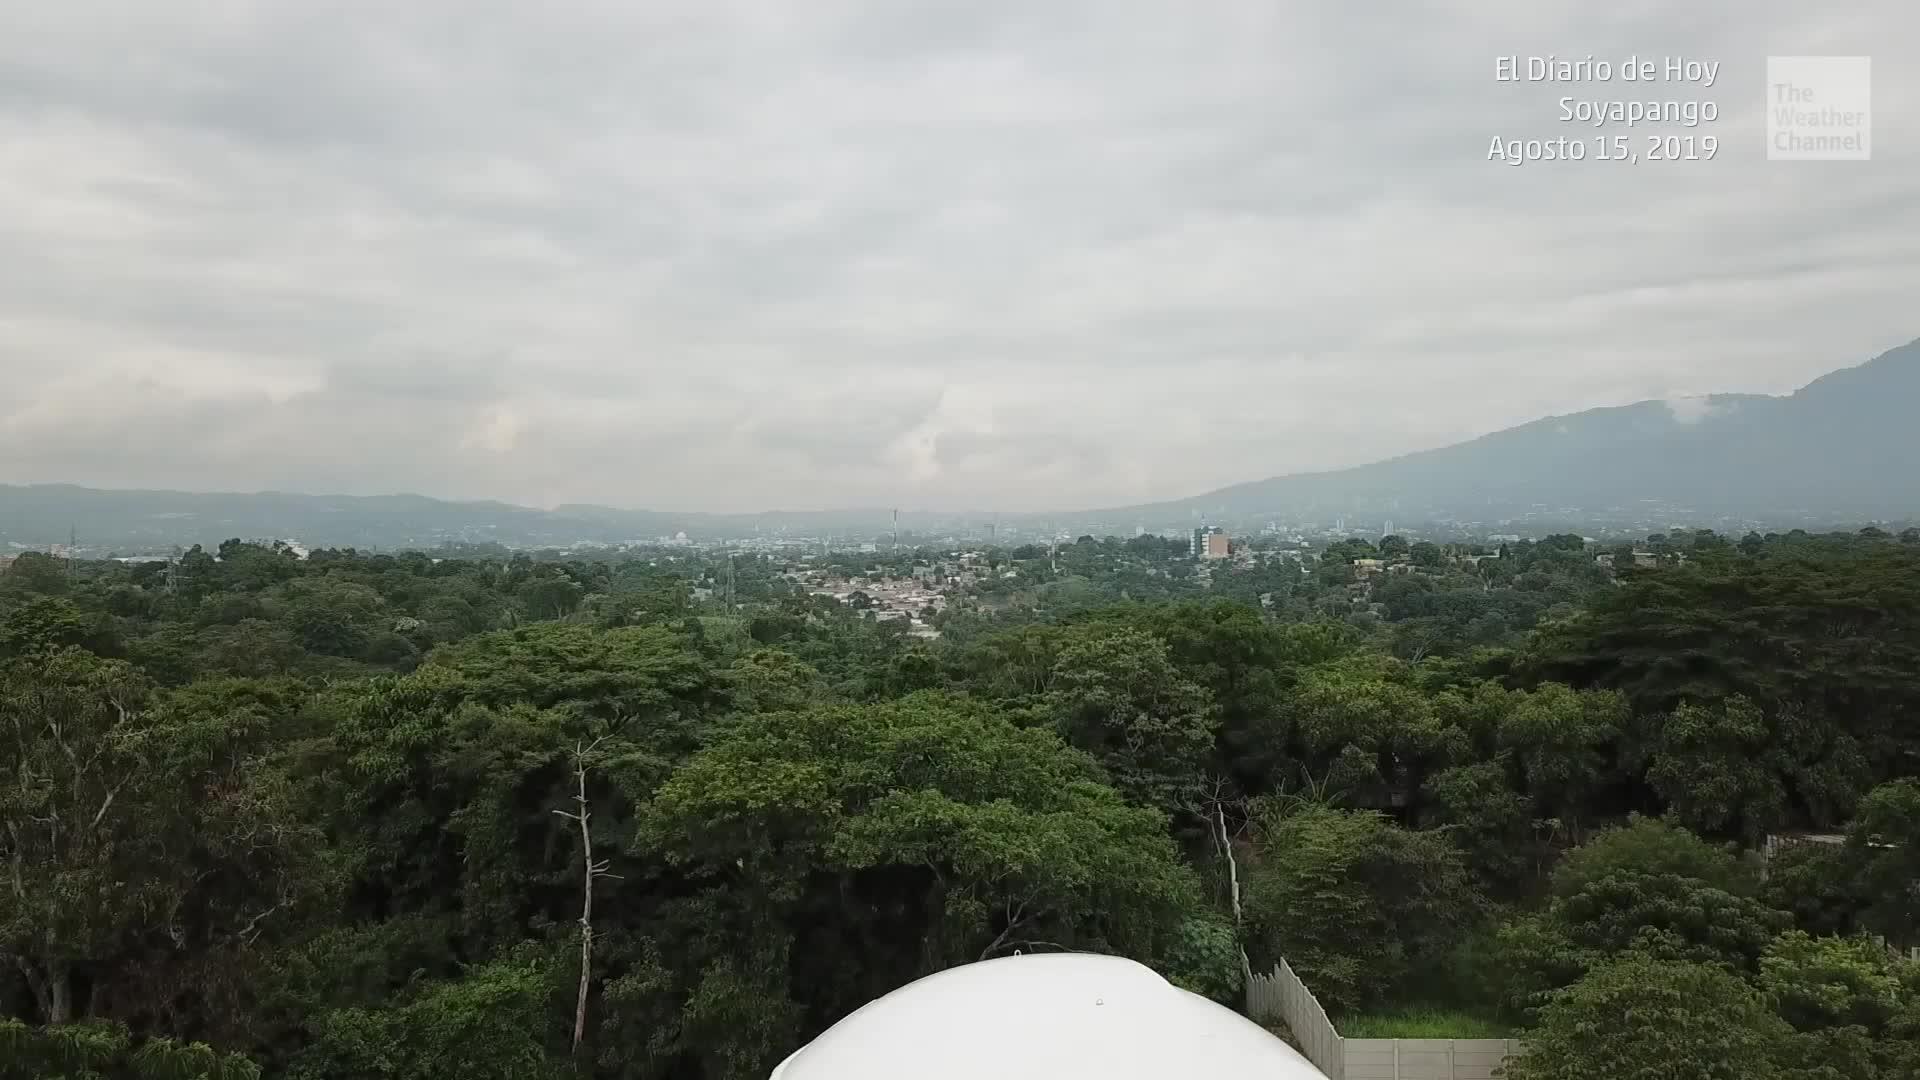 La Universidad Don Bosco de El Salvador inauguró su Observatorio Micro Macro para desarrollar la investigación en la biología y astronomía. Cuenta con el apoyo técnico y financiero de la Fundación Karlheinz Wolfgang para la Salud y la Educación.